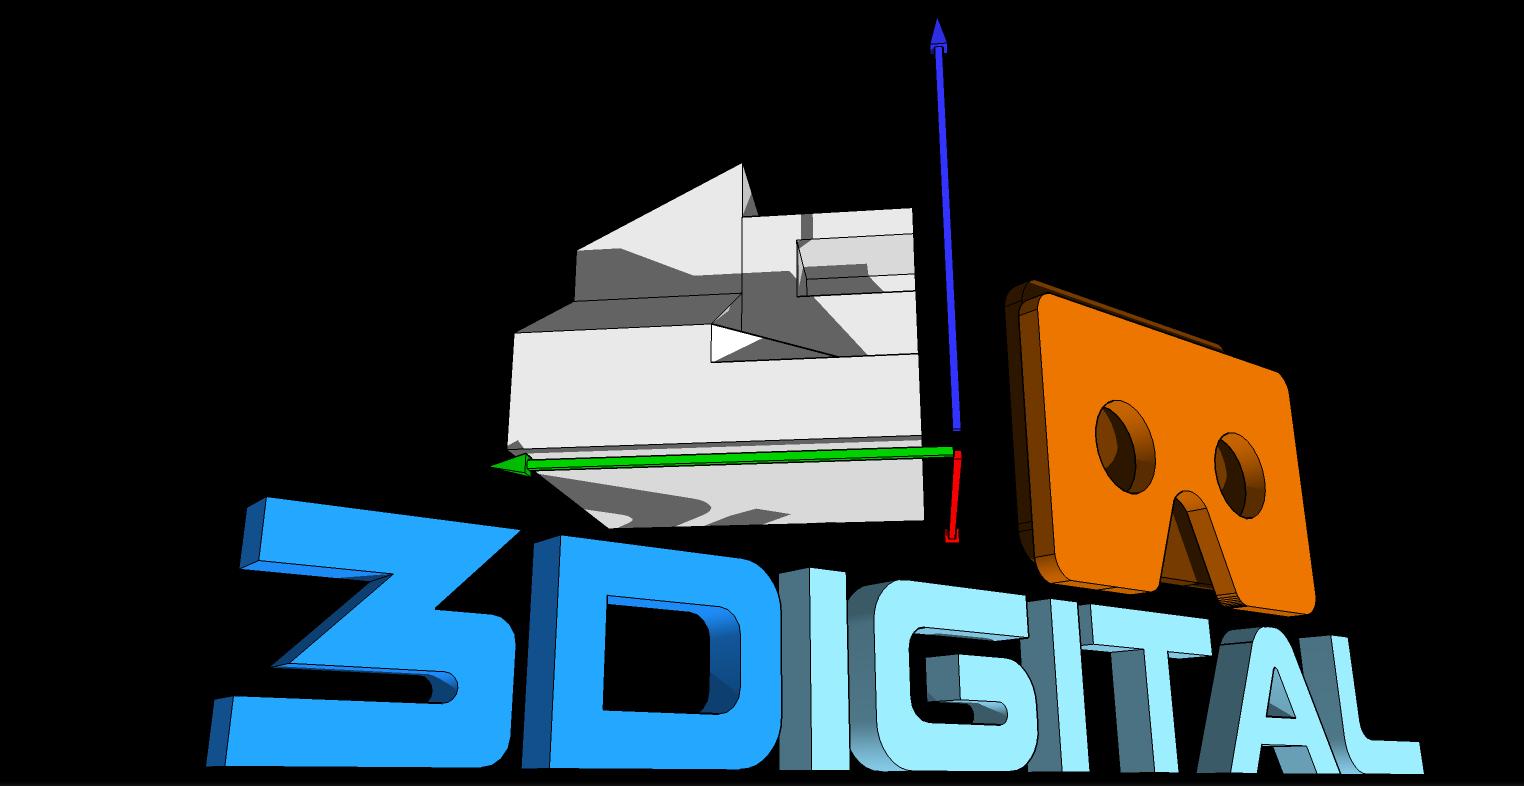 3Digital